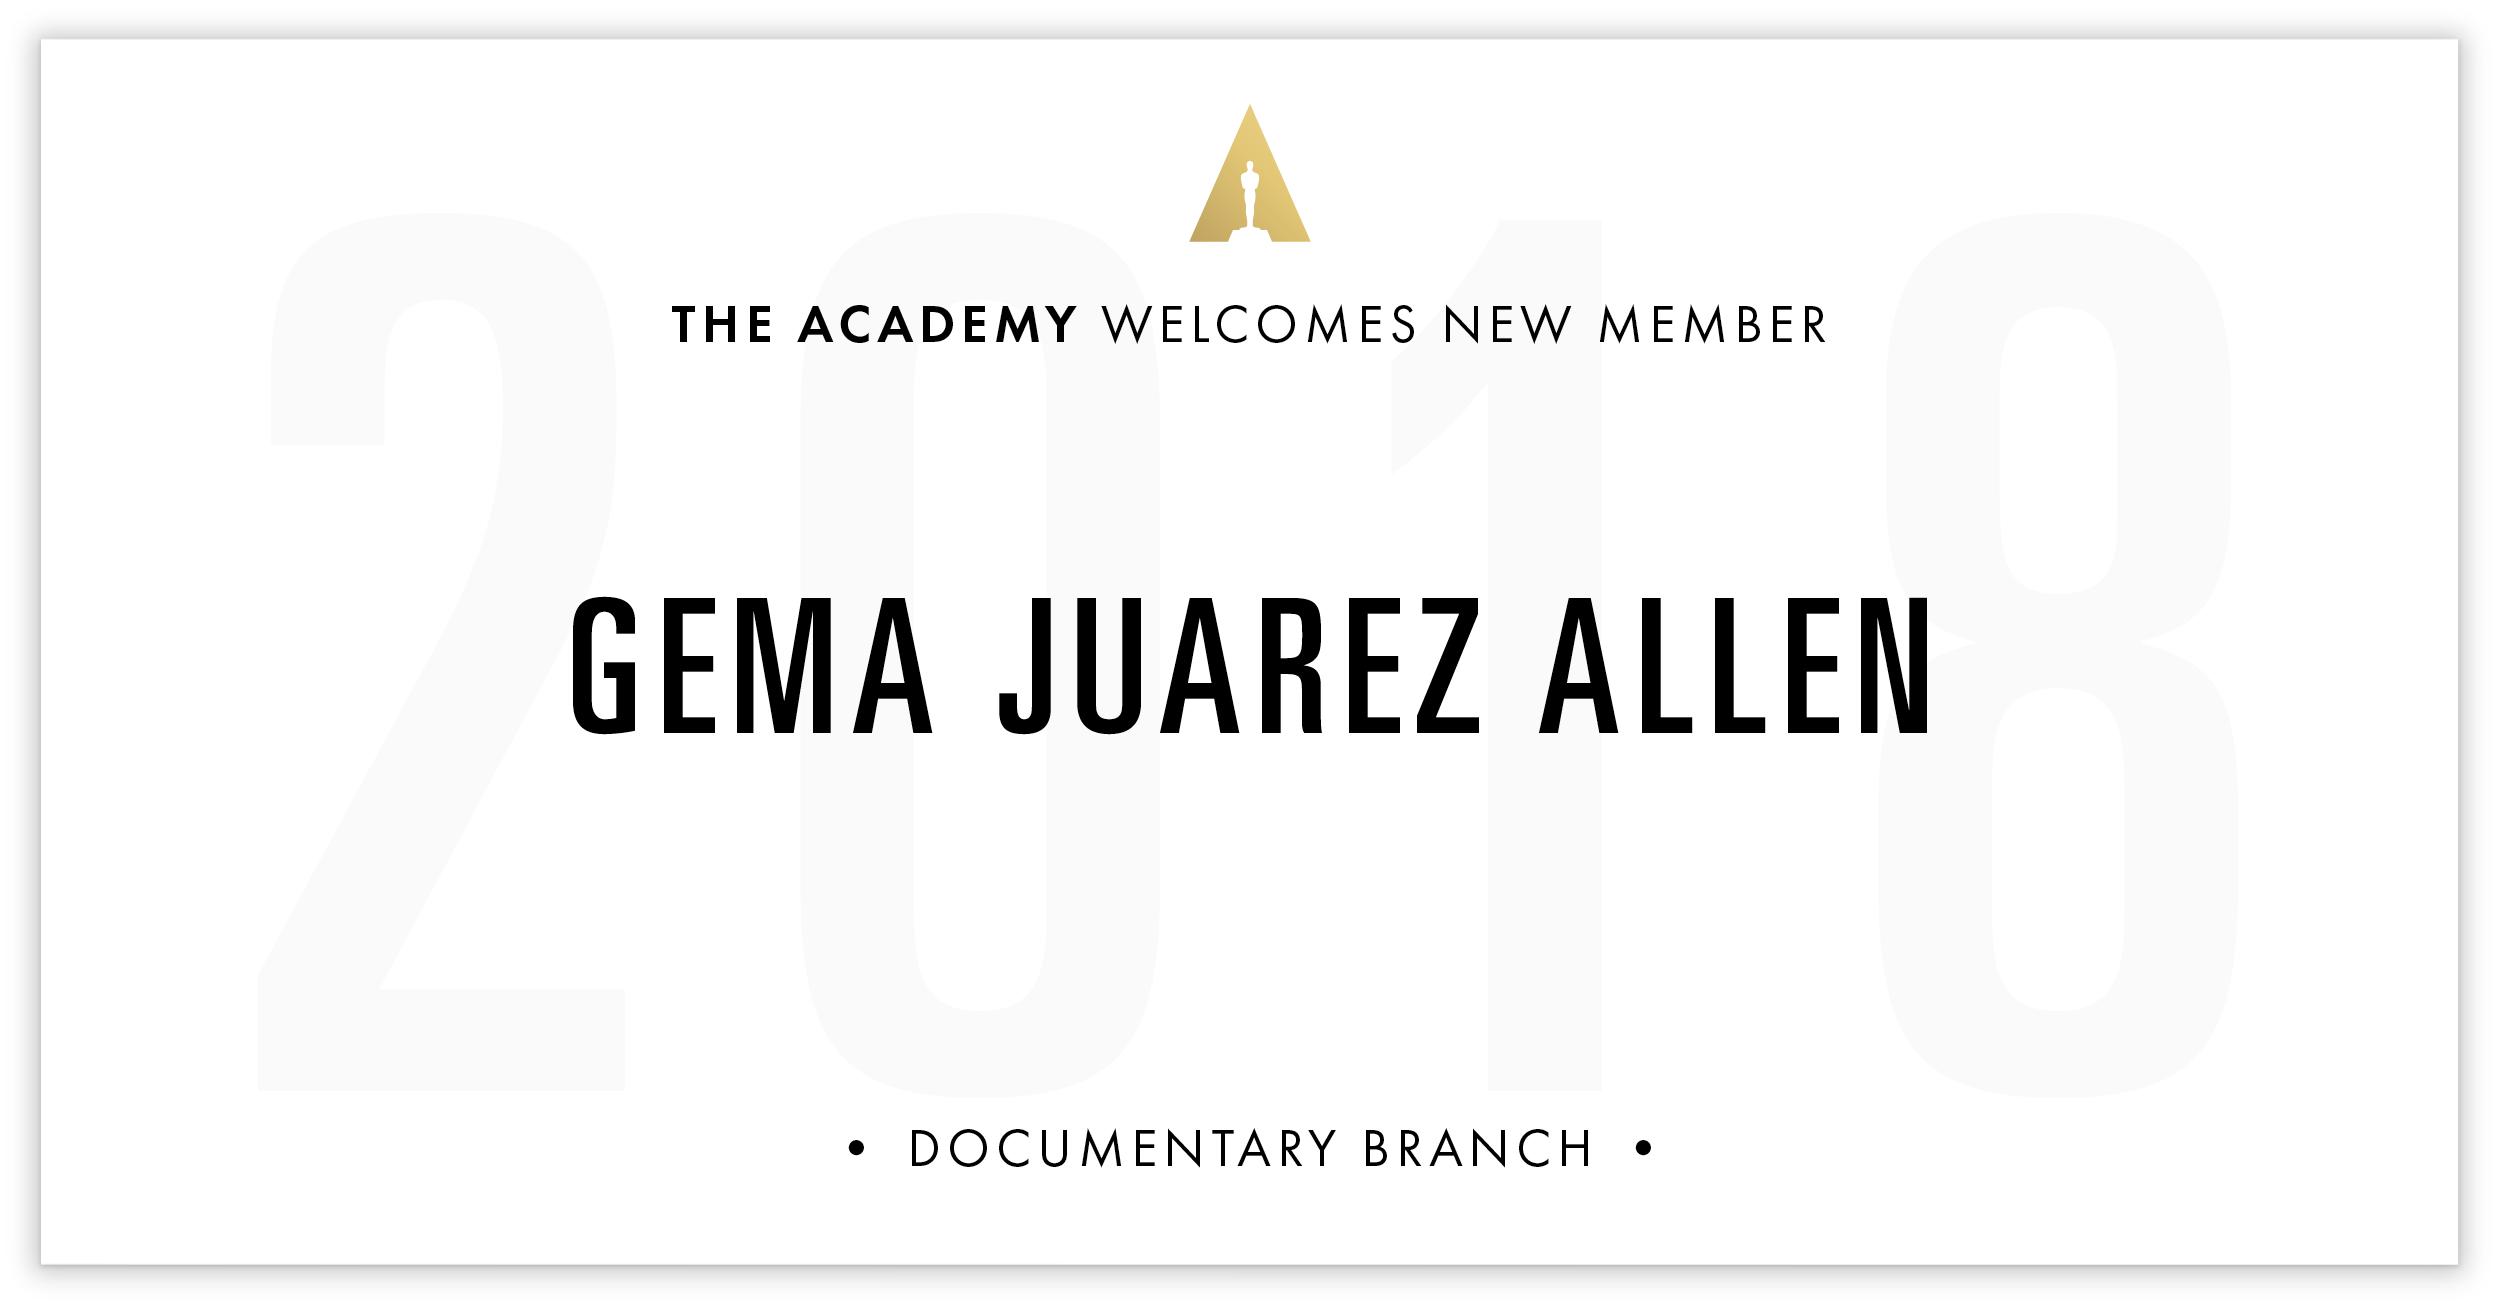 Gema Juarez Allen is invited!